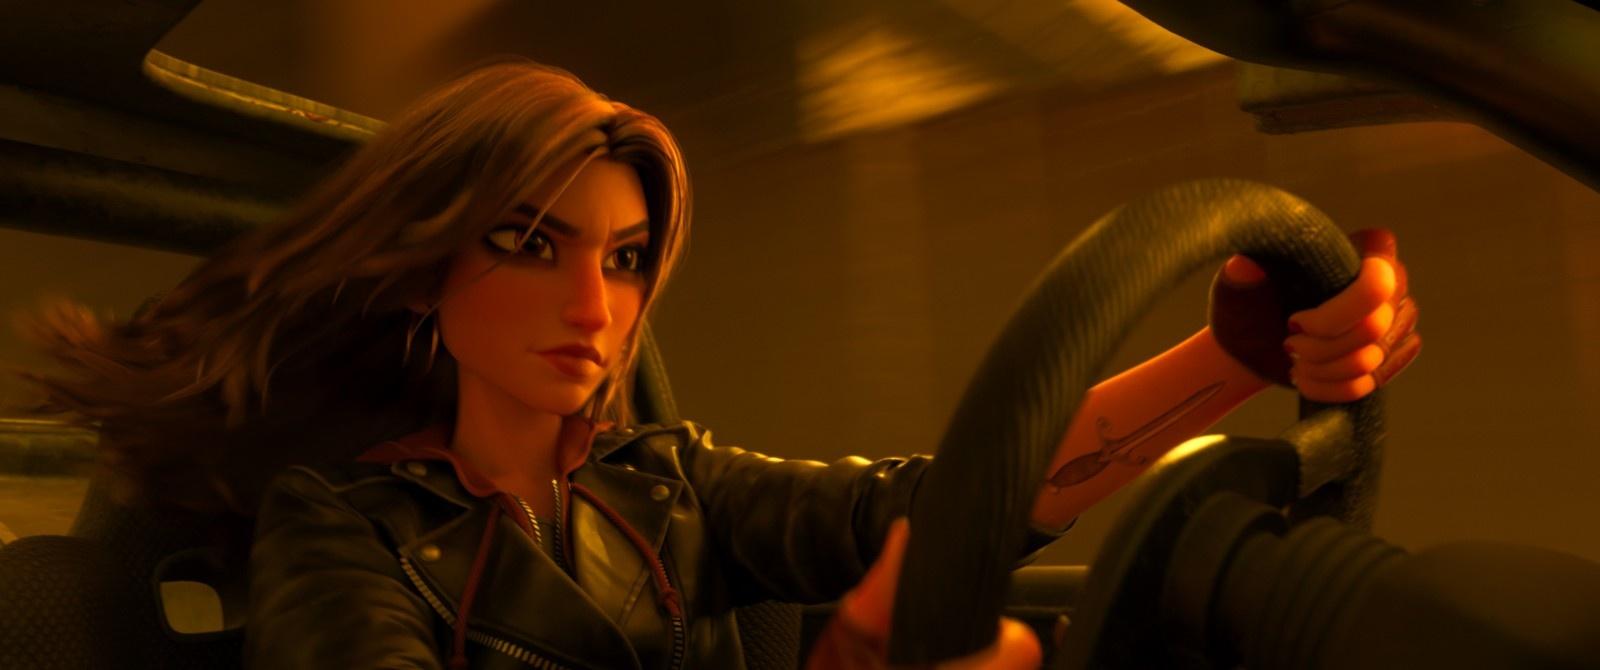 《无敌破坏王2》新卡司 盖尔·加朵献声女车手